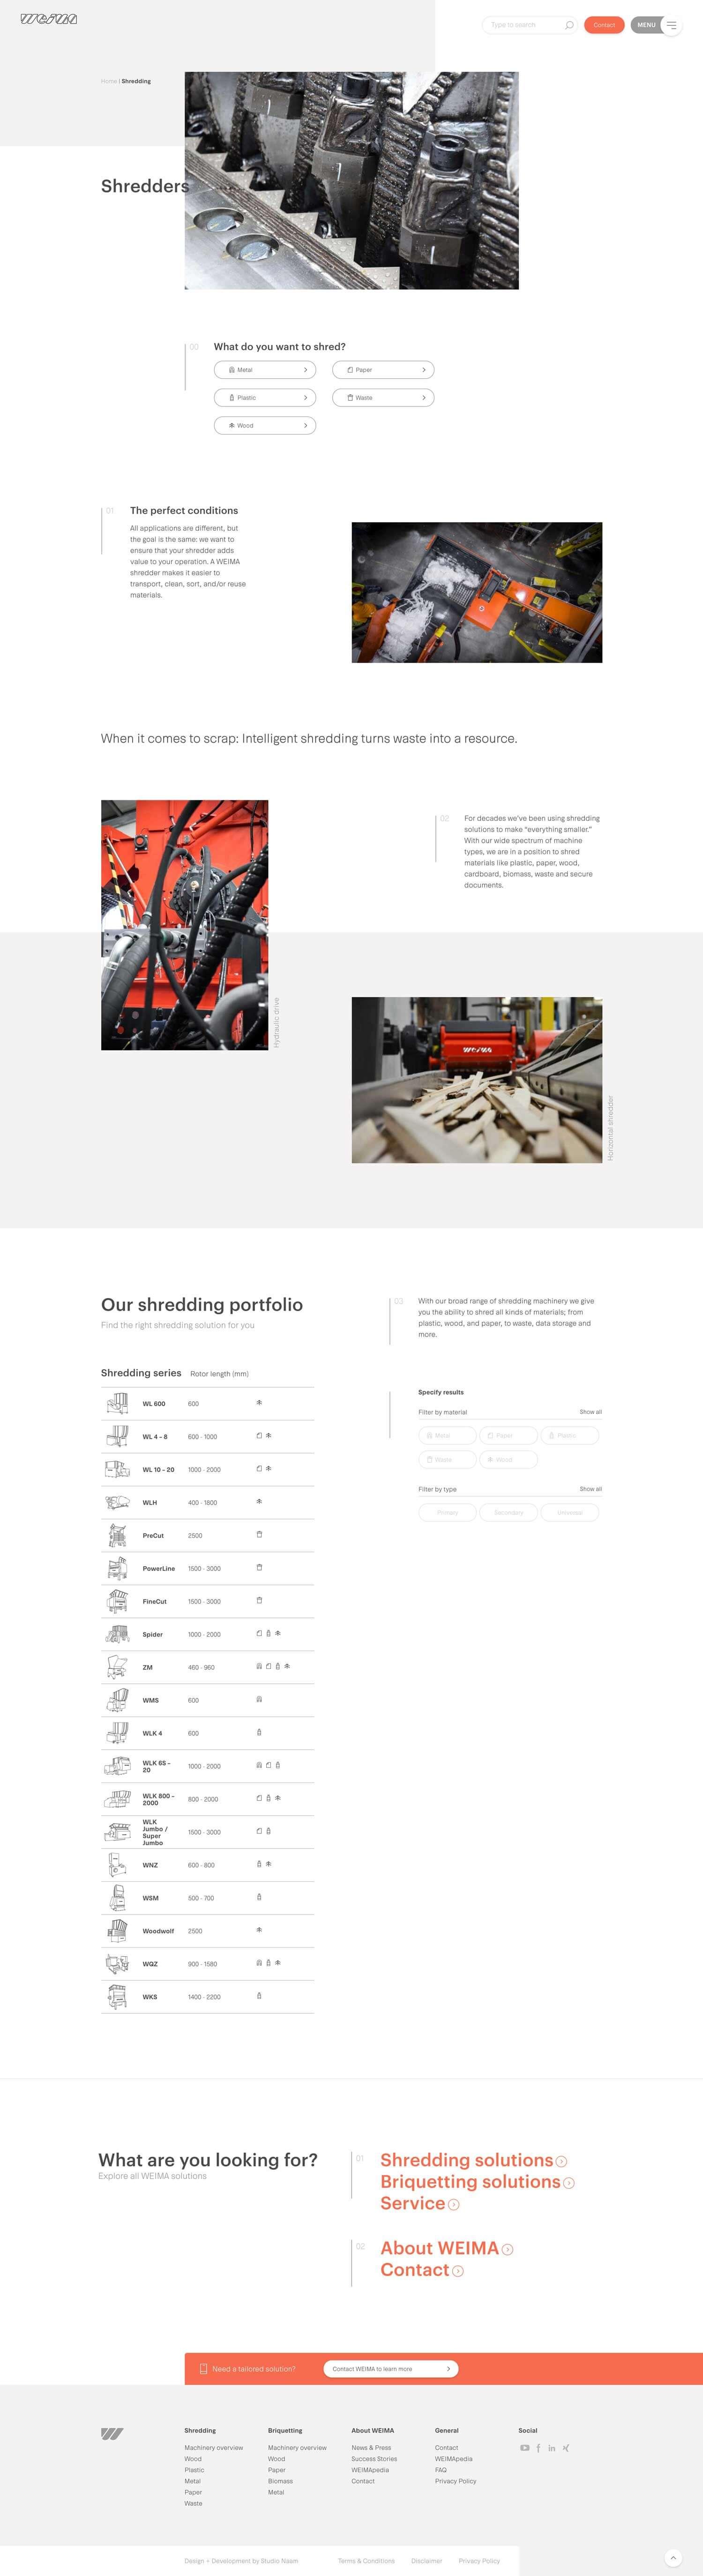 De Weima Maschinenbau shredder pagina.